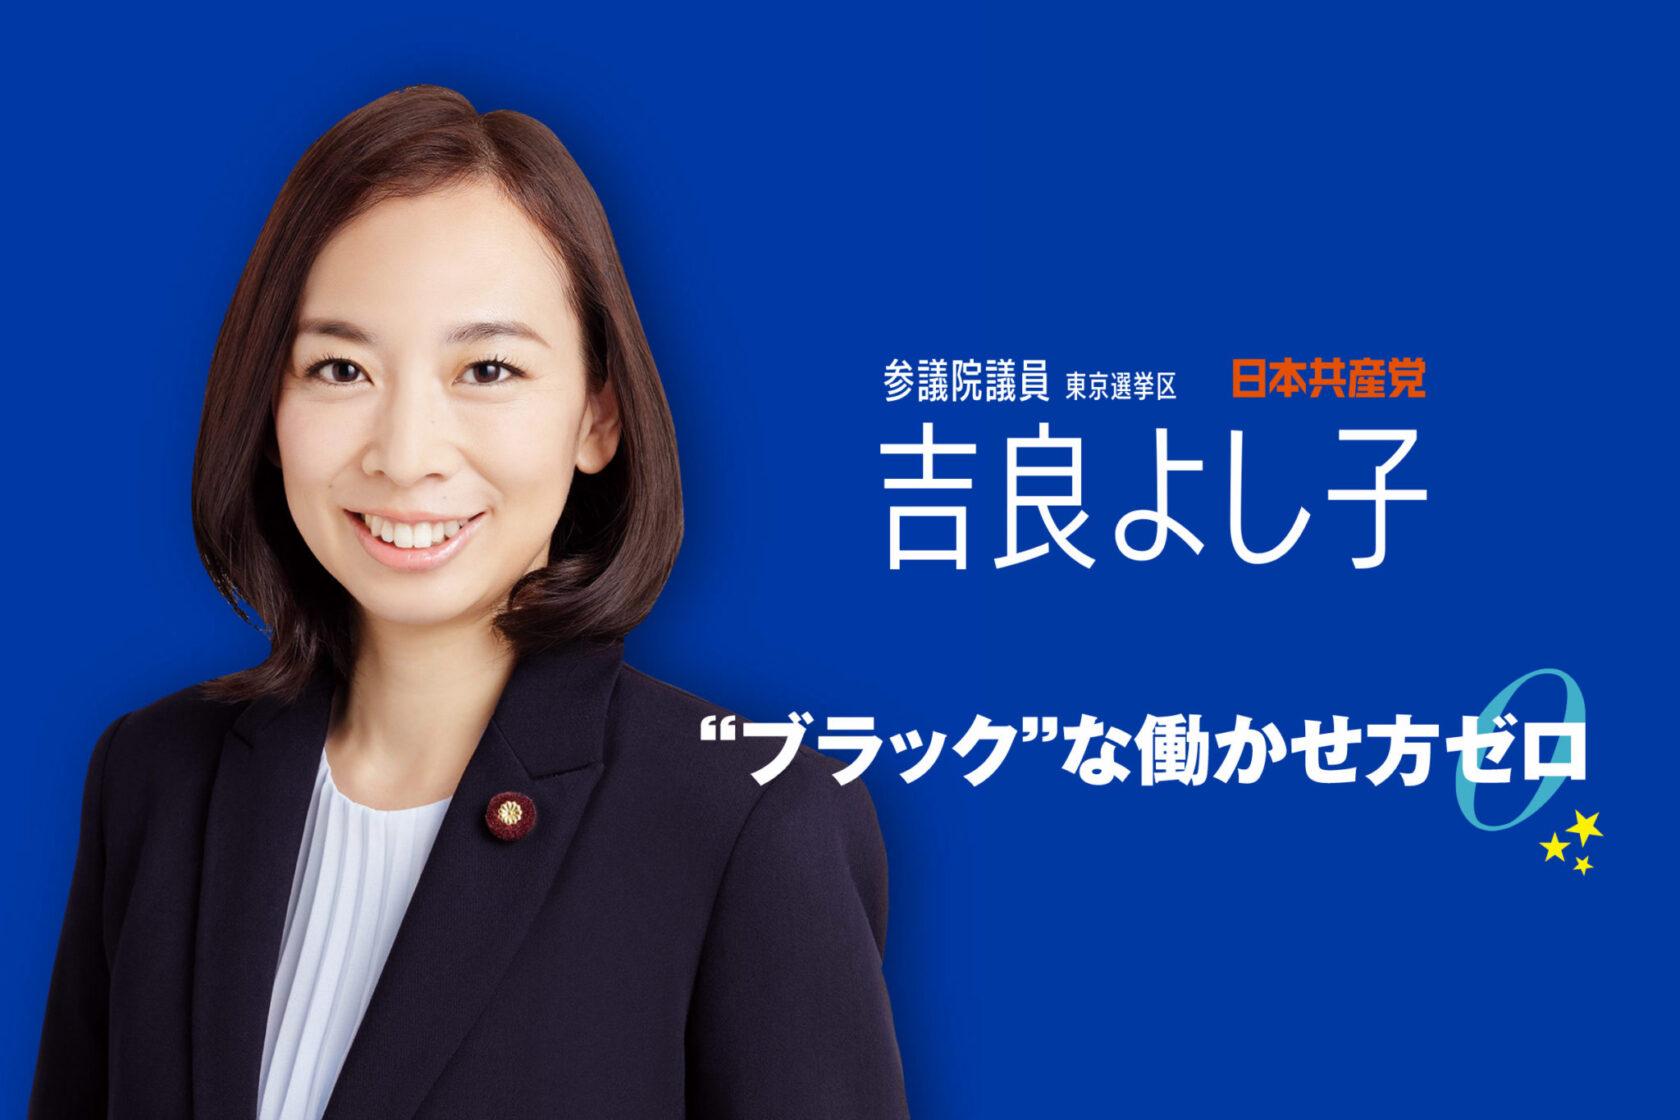 吉良よし子公式ウェブサイトをリニューアルいたしました